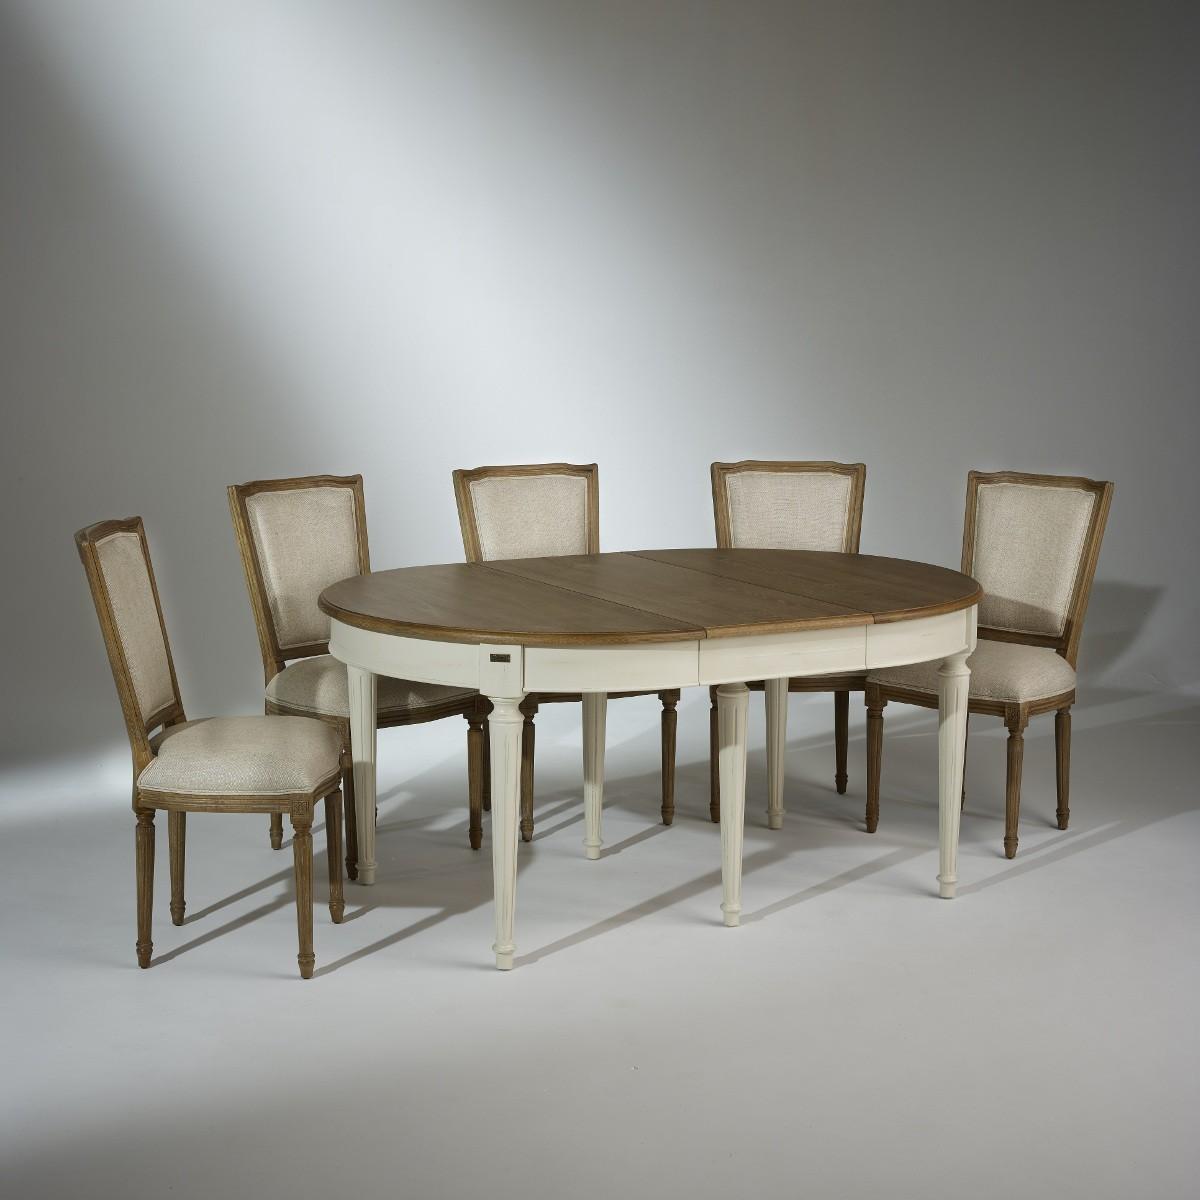 ensemble table de salle manger florence et 6 chaises. Black Bedroom Furniture Sets. Home Design Ideas